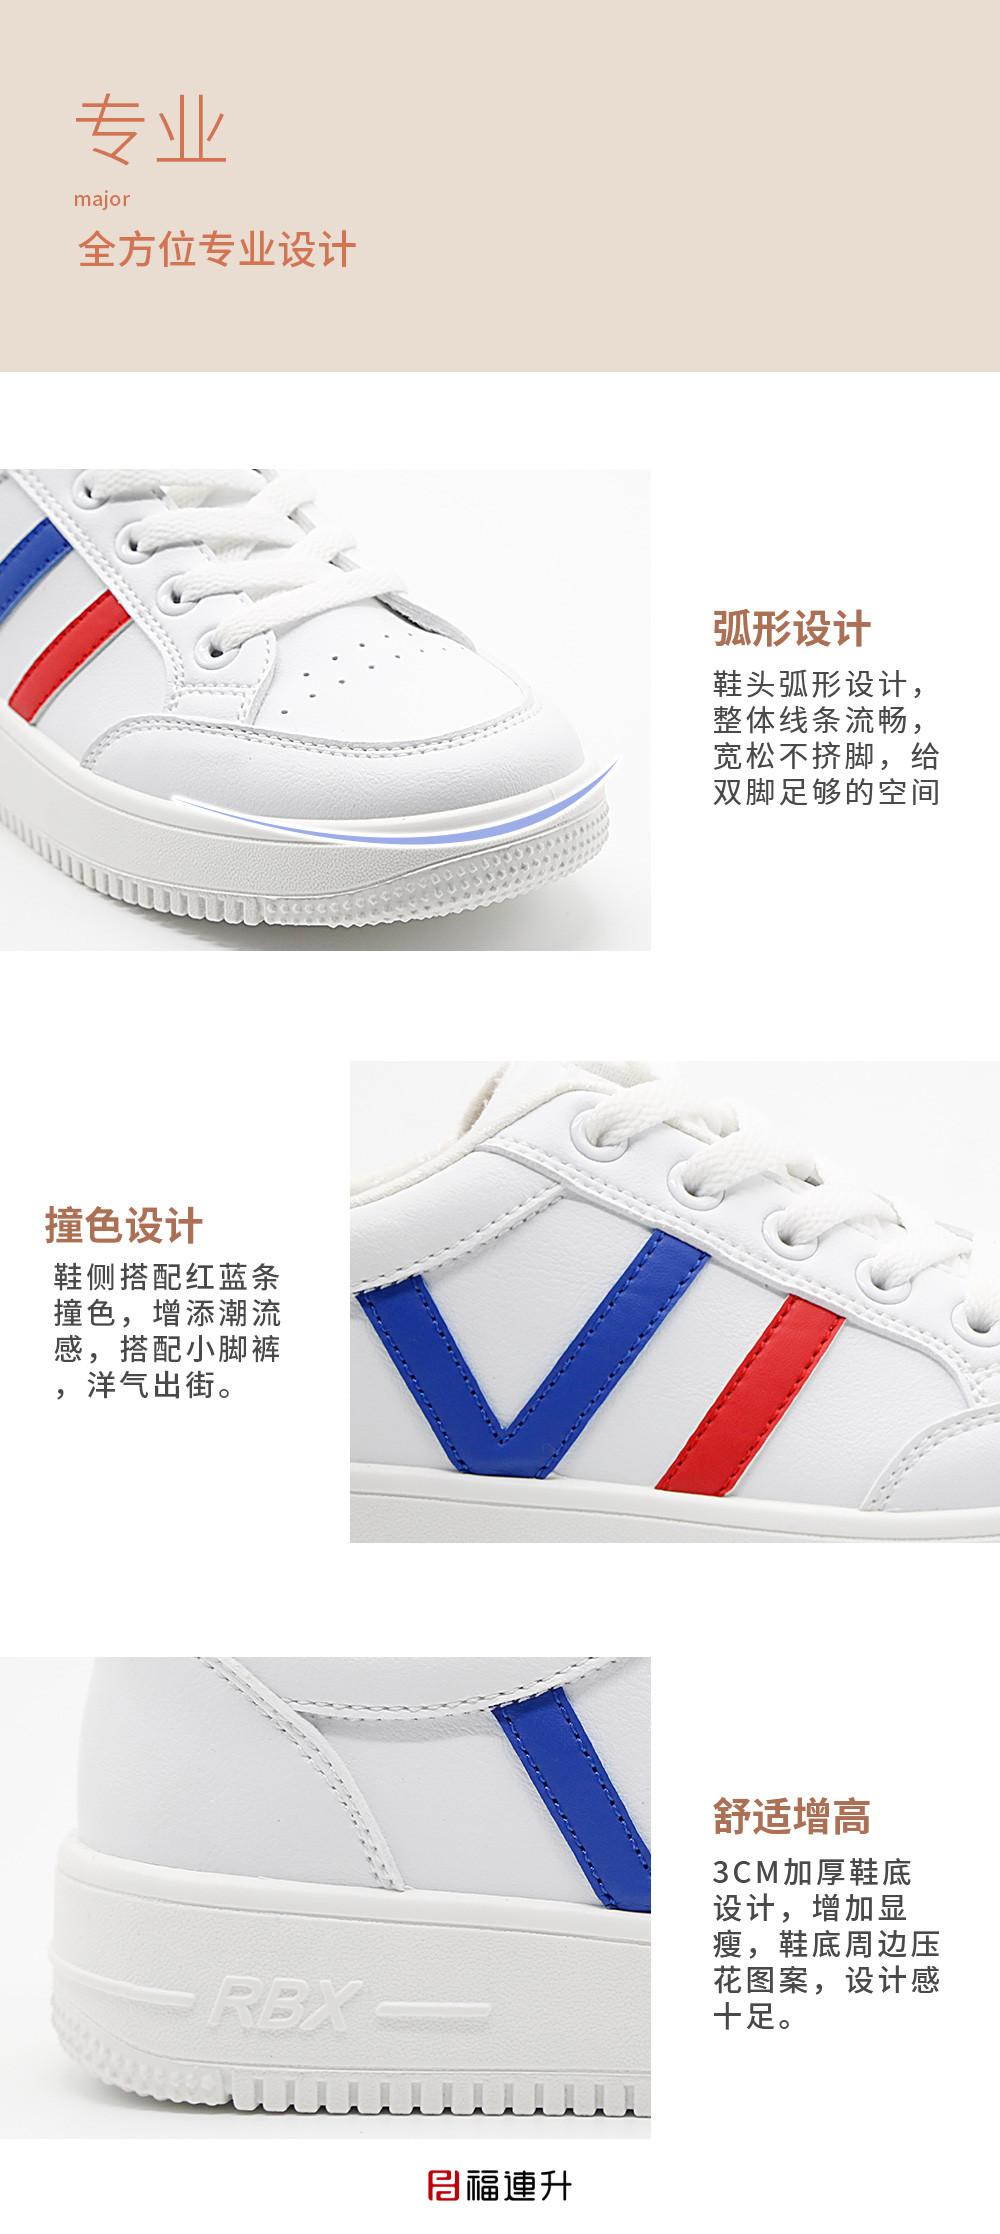 福连升休闲鞋新款百搭平底女鞋子棉麻舒适透气板鞋图片